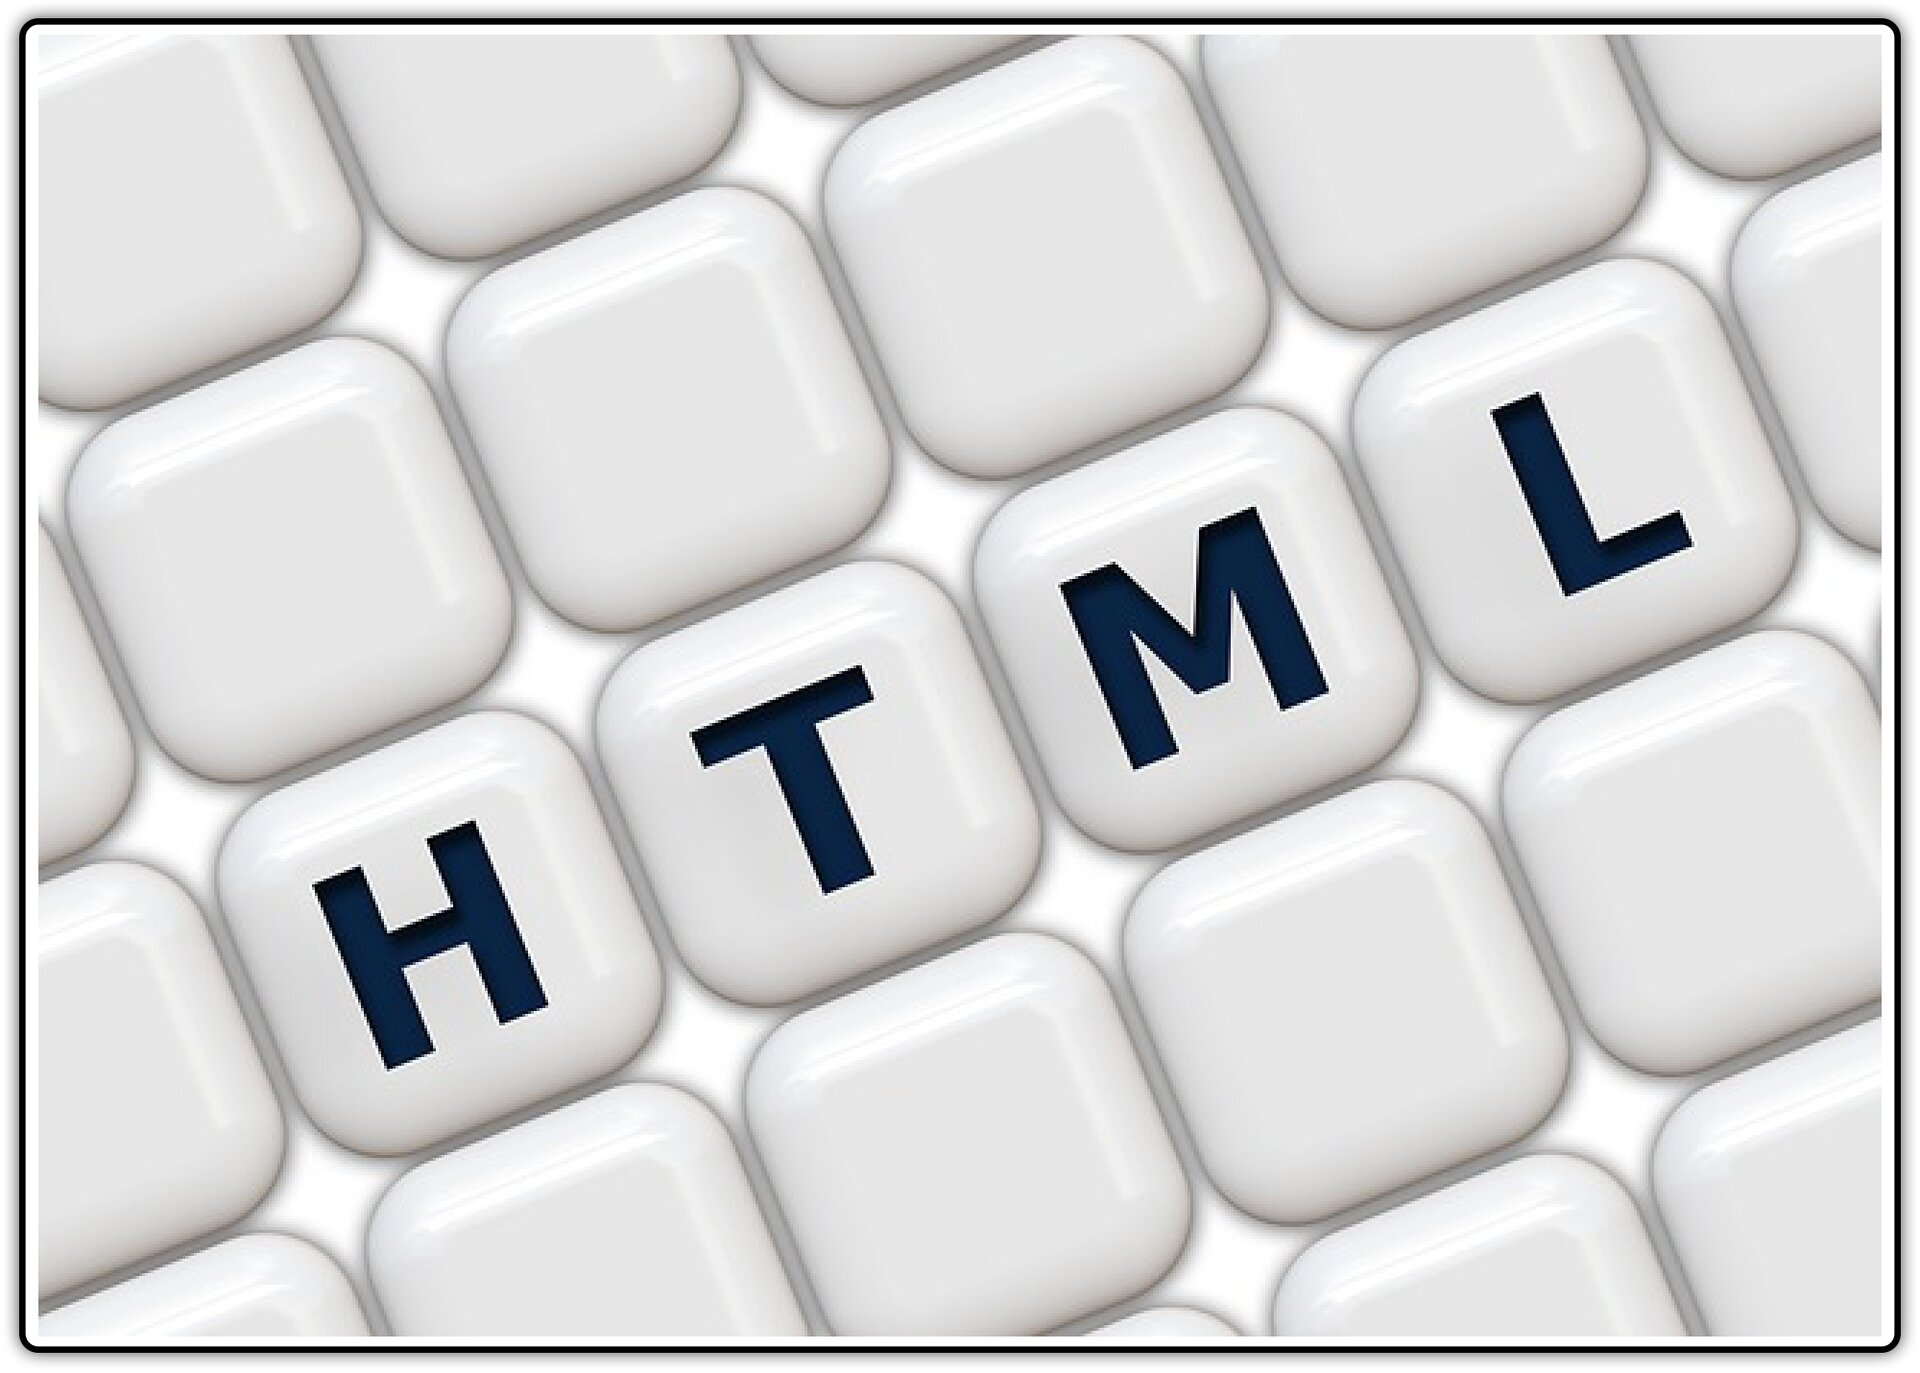 Ilustracja przedstawiająca fragment klawiatury zwidocznym napisem HTML